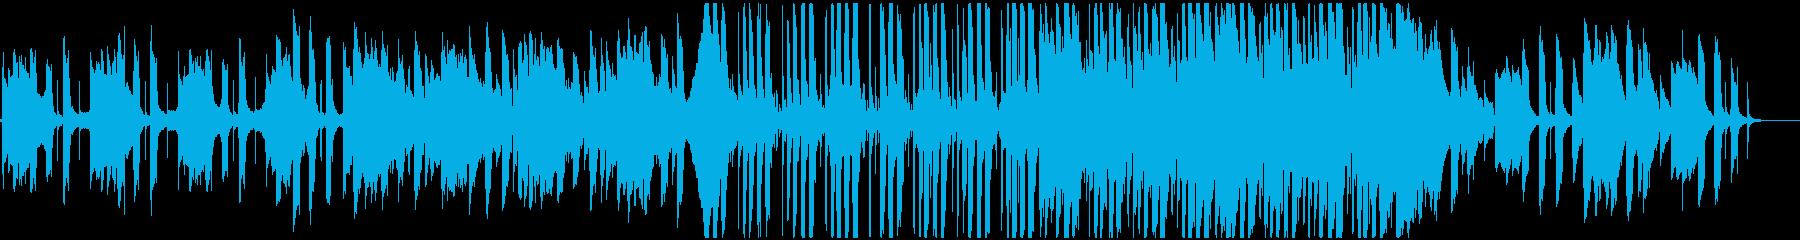 クリーントーンエレキギター主体の爽やか曲の再生済みの波形